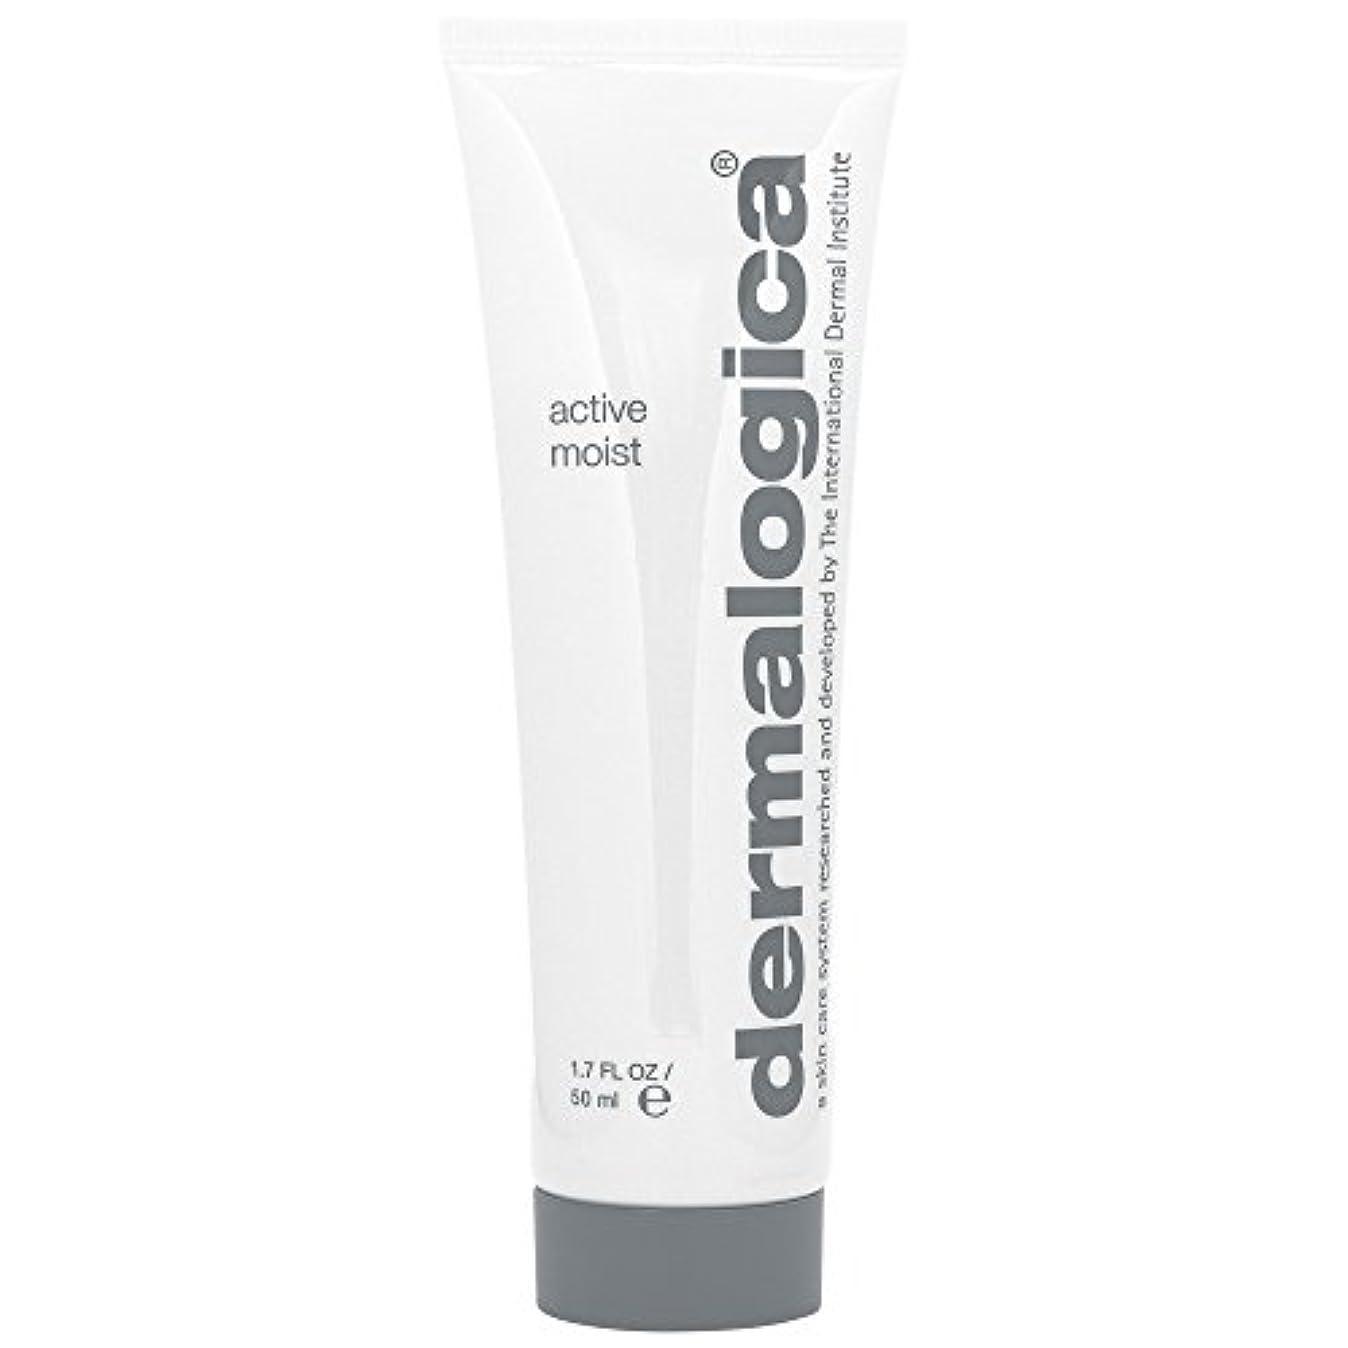 担保認知劇場ダーマロジカアクティブ湿った顔の保湿剤の50ミリリットル (Dermalogica) (x6) - Dermalogica Active Moist Facial Moisturiser 50ml (Pack of 6)...